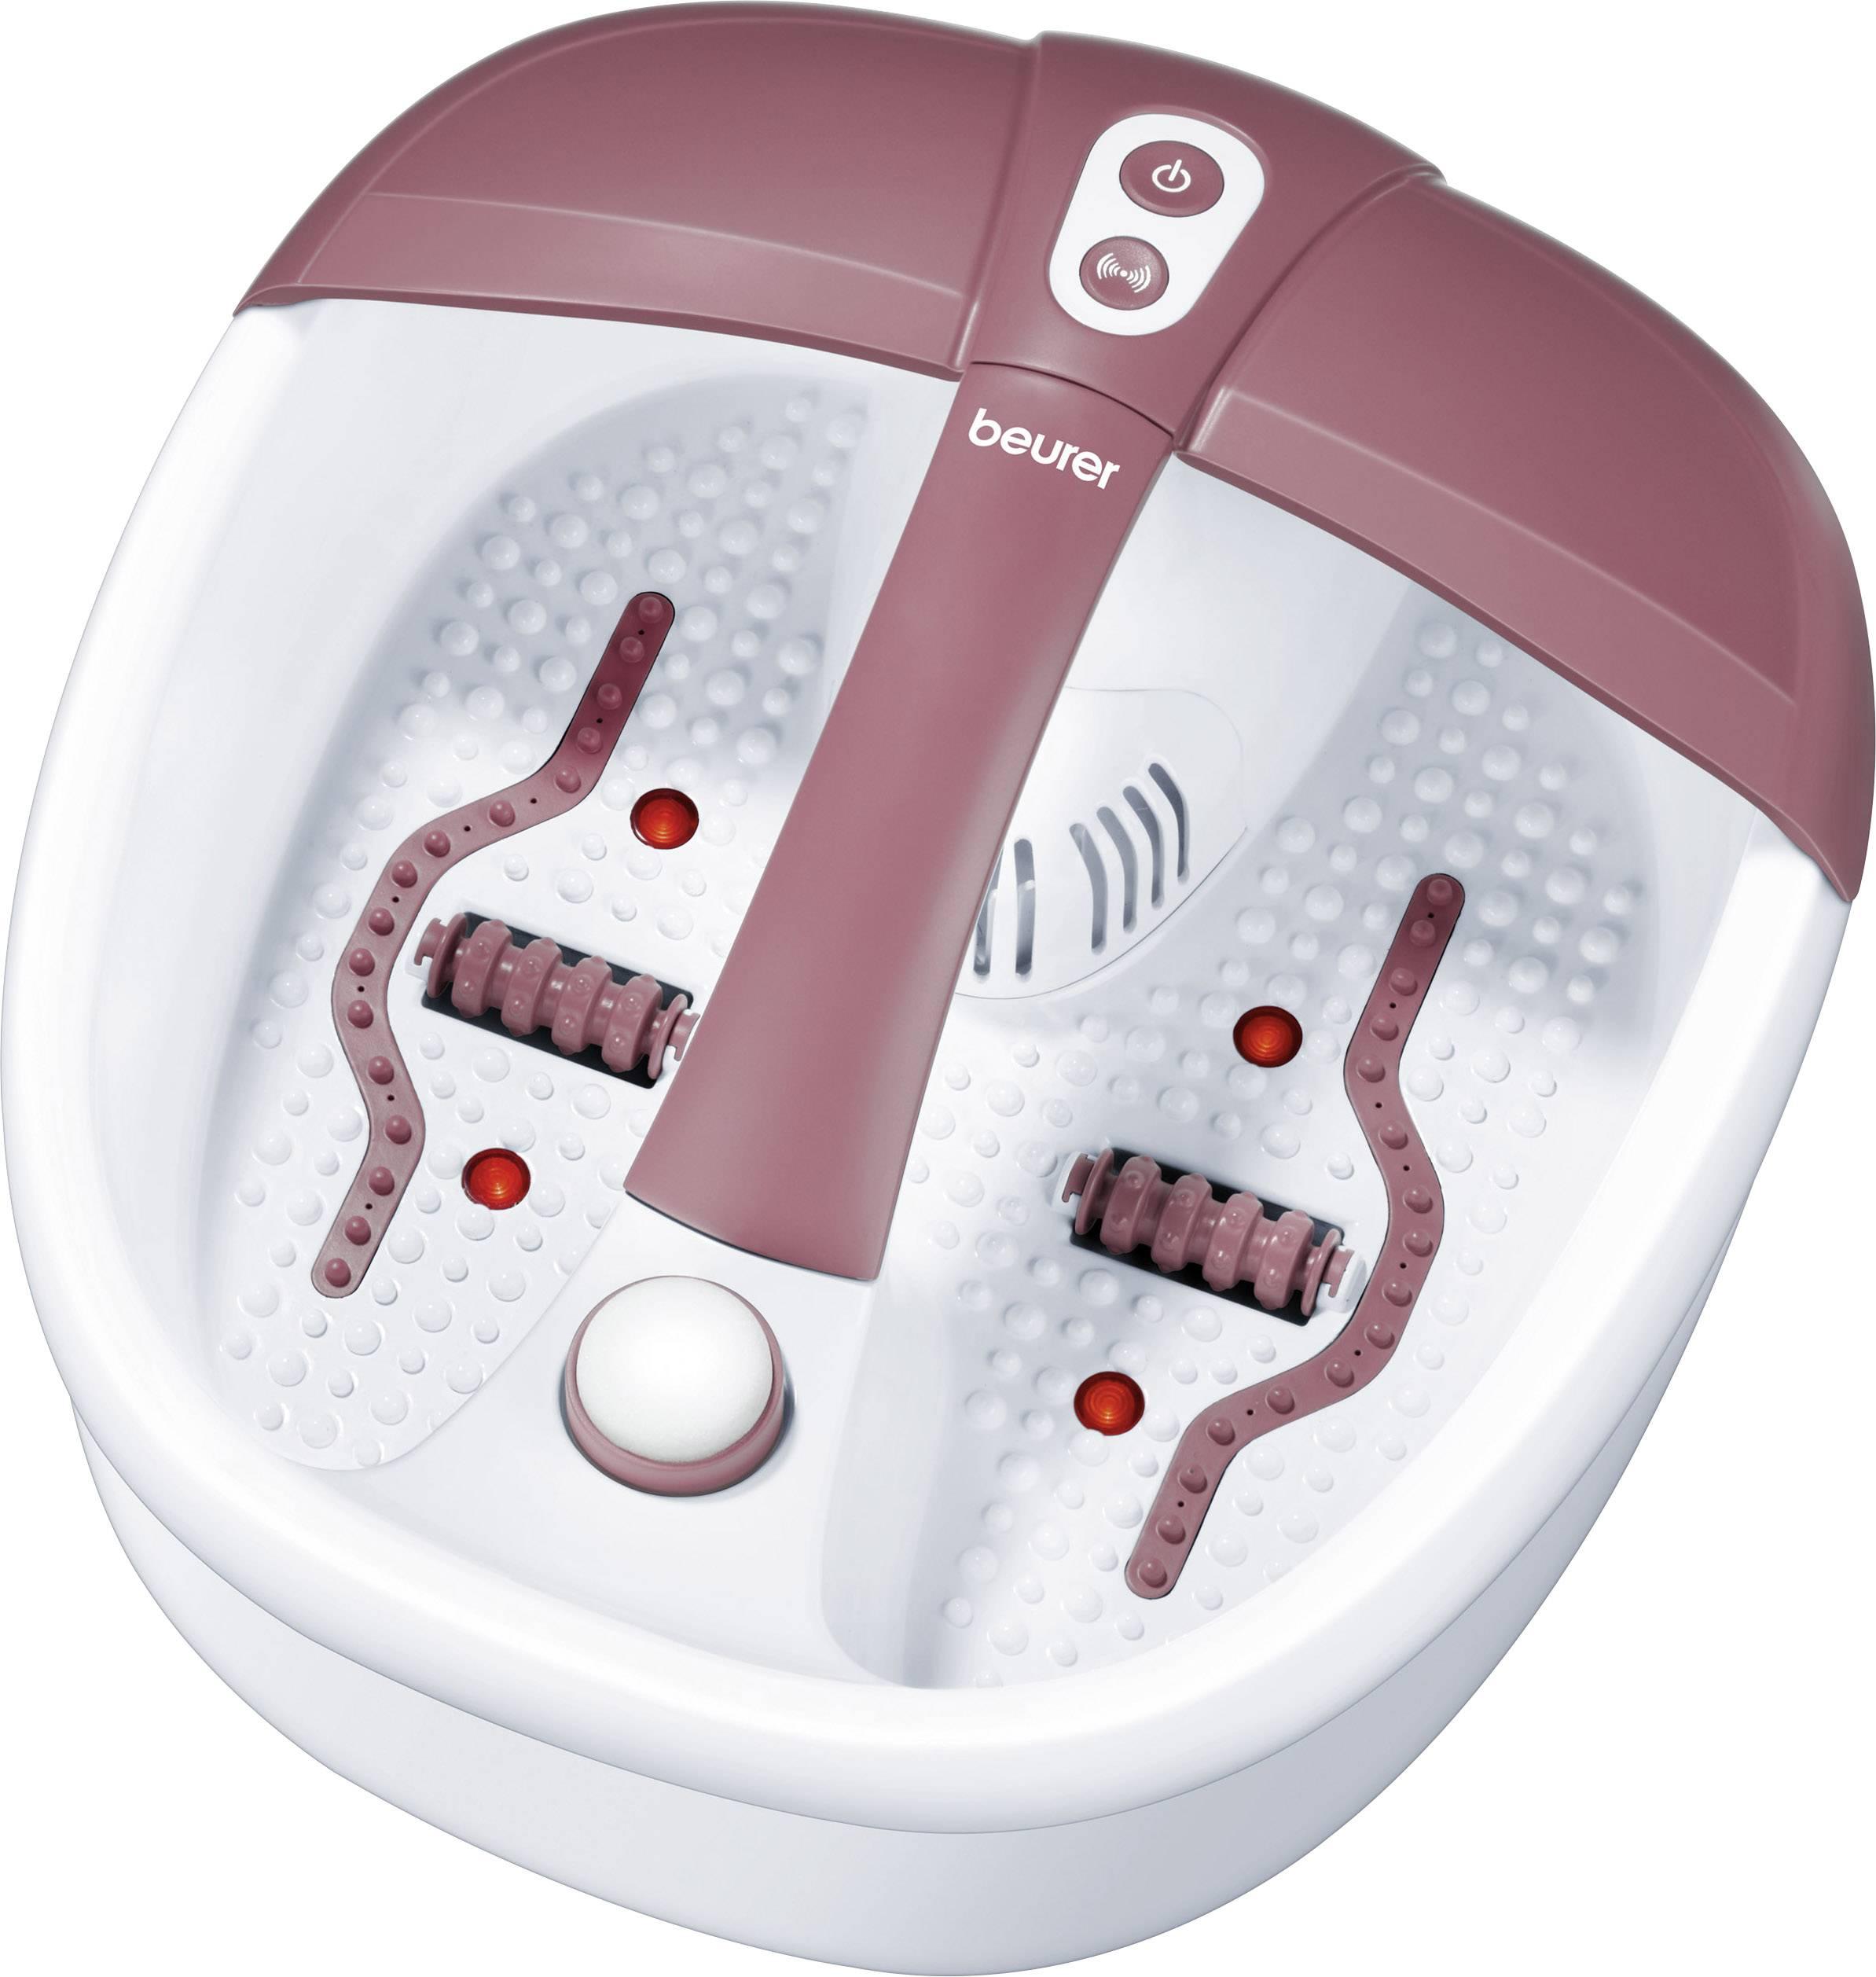 Perličková koupel na nohy s ohřevem vody a infra světlem 3v1 Beurer FB35, 140 W, bílá, červená